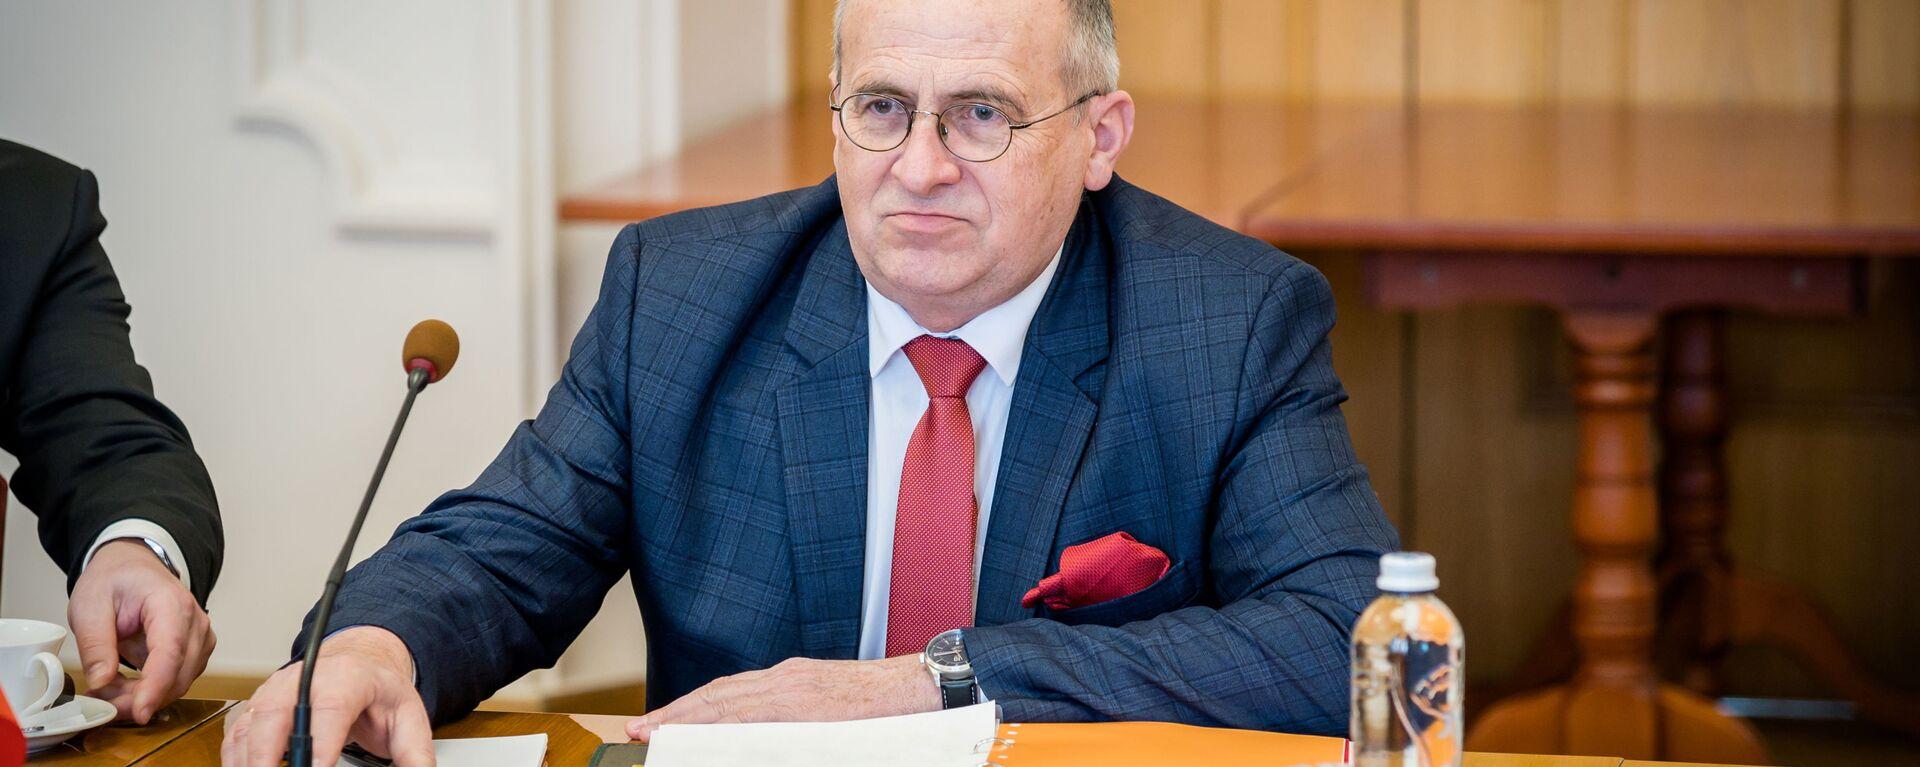 Zbigniew Rau w Kijowie, 8 kwietnia 2021 r. - Sputnik Polska, 1920, 14.05.2021